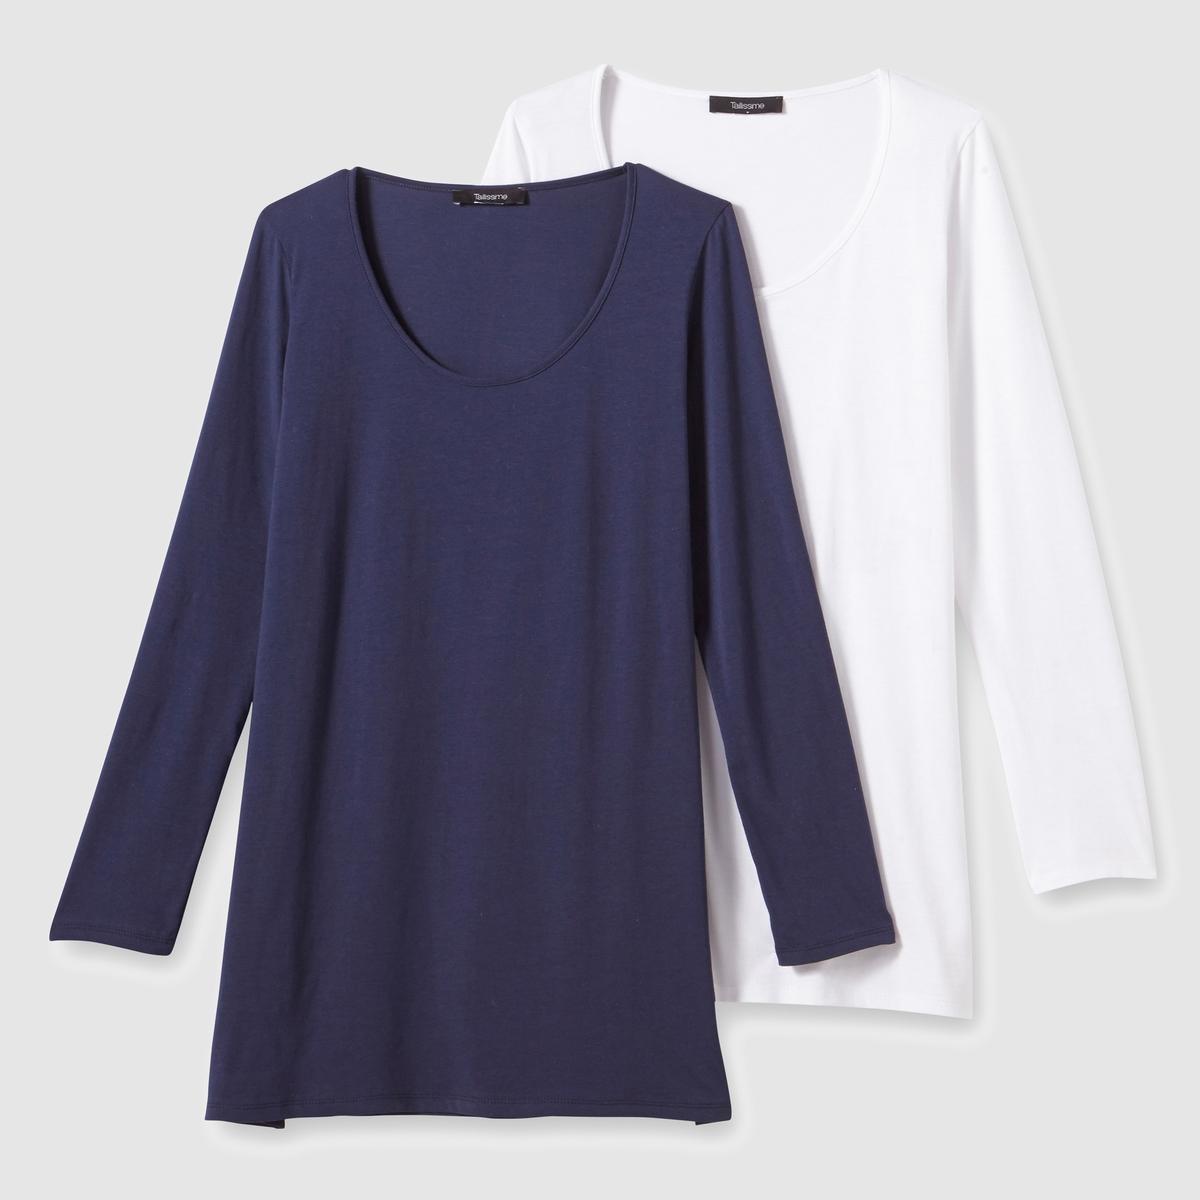 Комплект из 2 футболок с длинными рукавами из хлопка